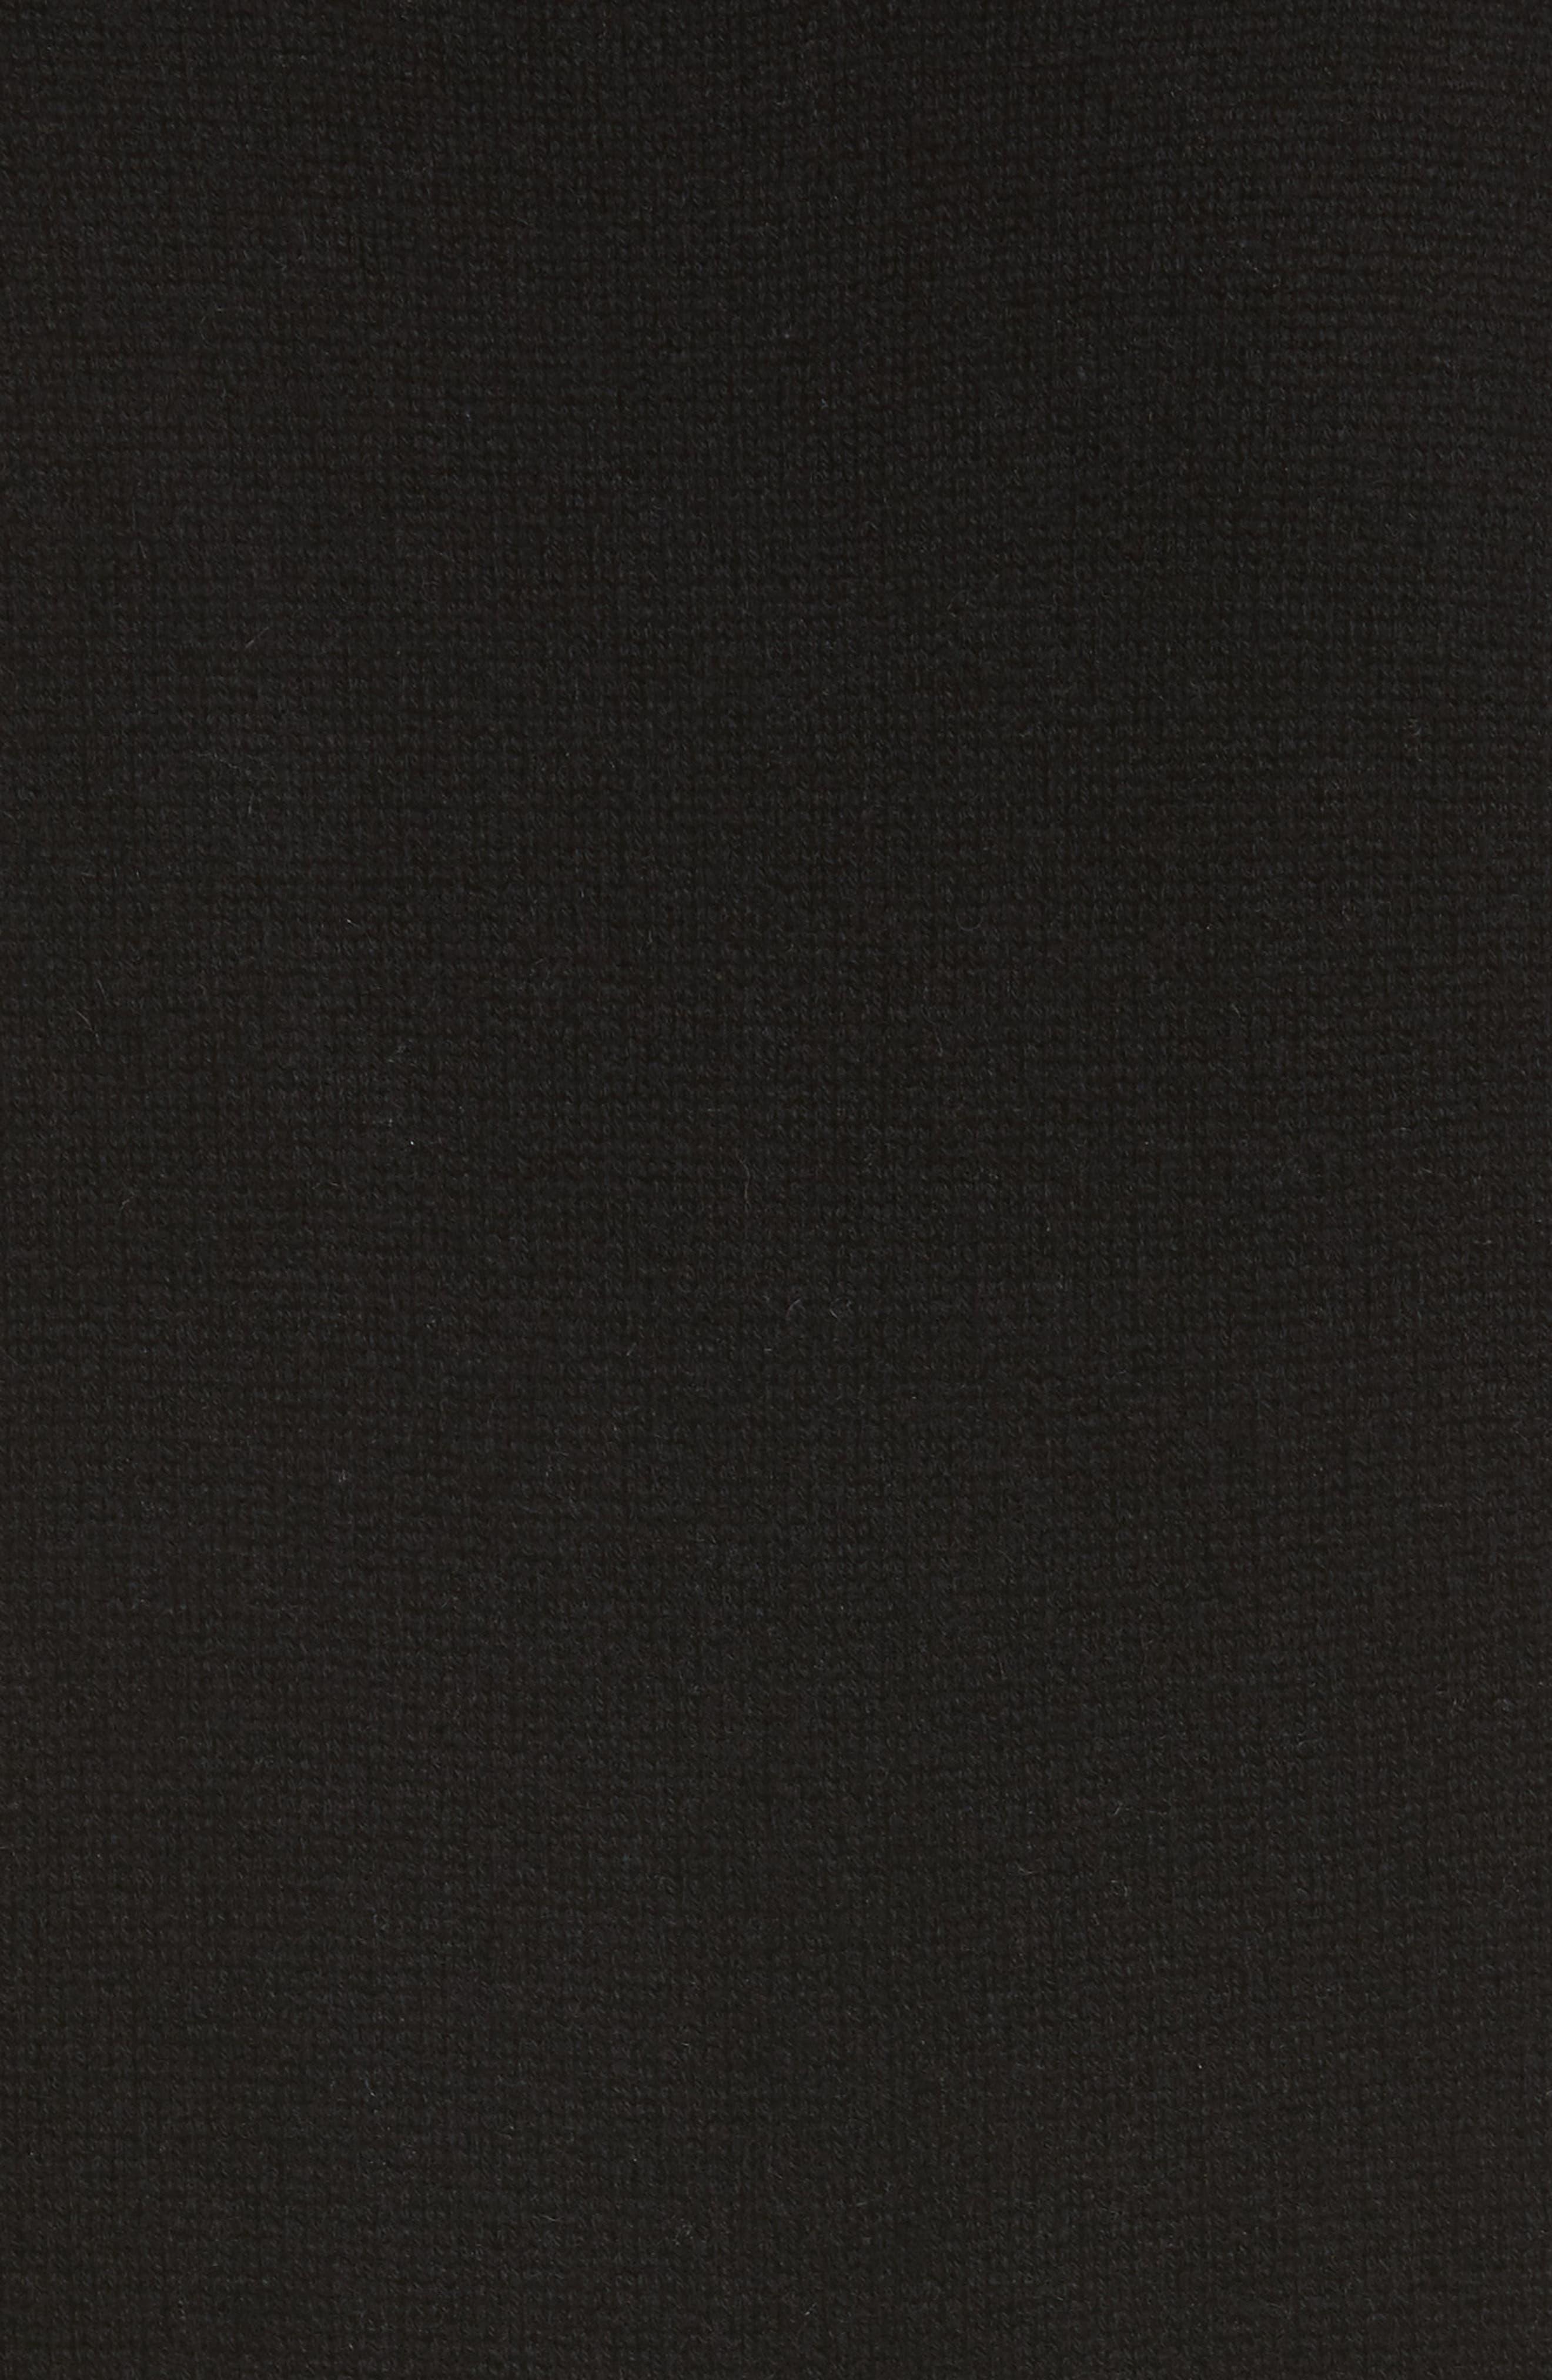 BROCHU WALKER,                             Lace Looker Sweater Dress,                             Alternate thumbnail 5, color,                             001